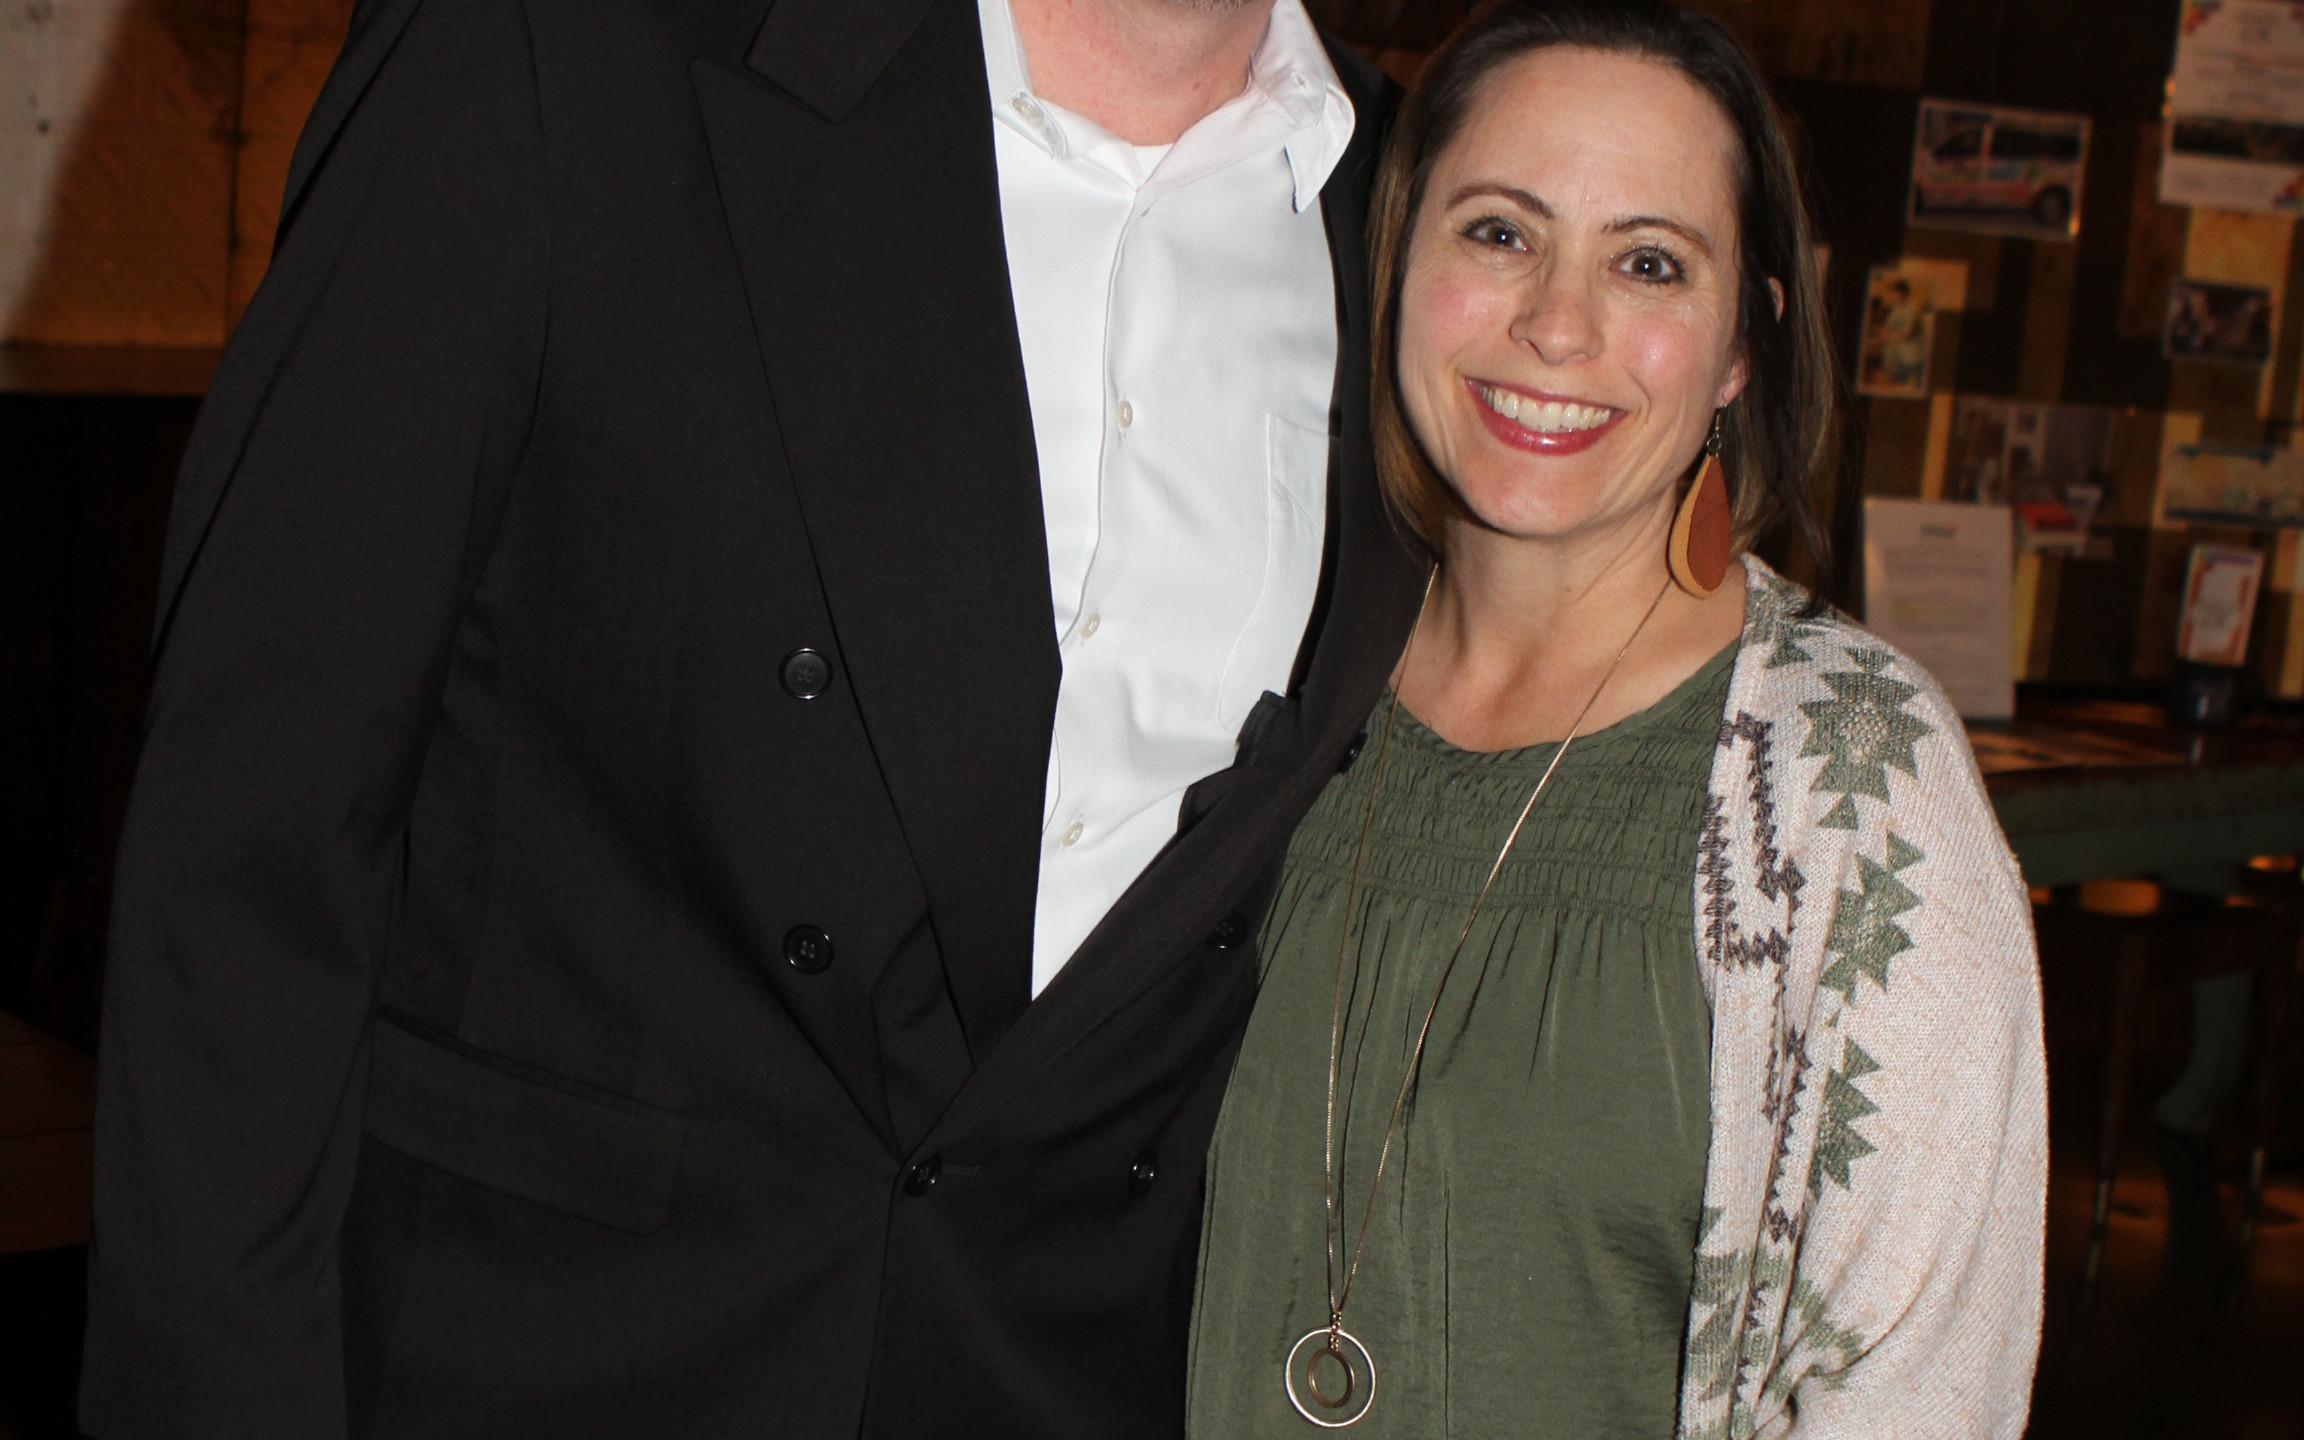 Steve & Christy Crosby